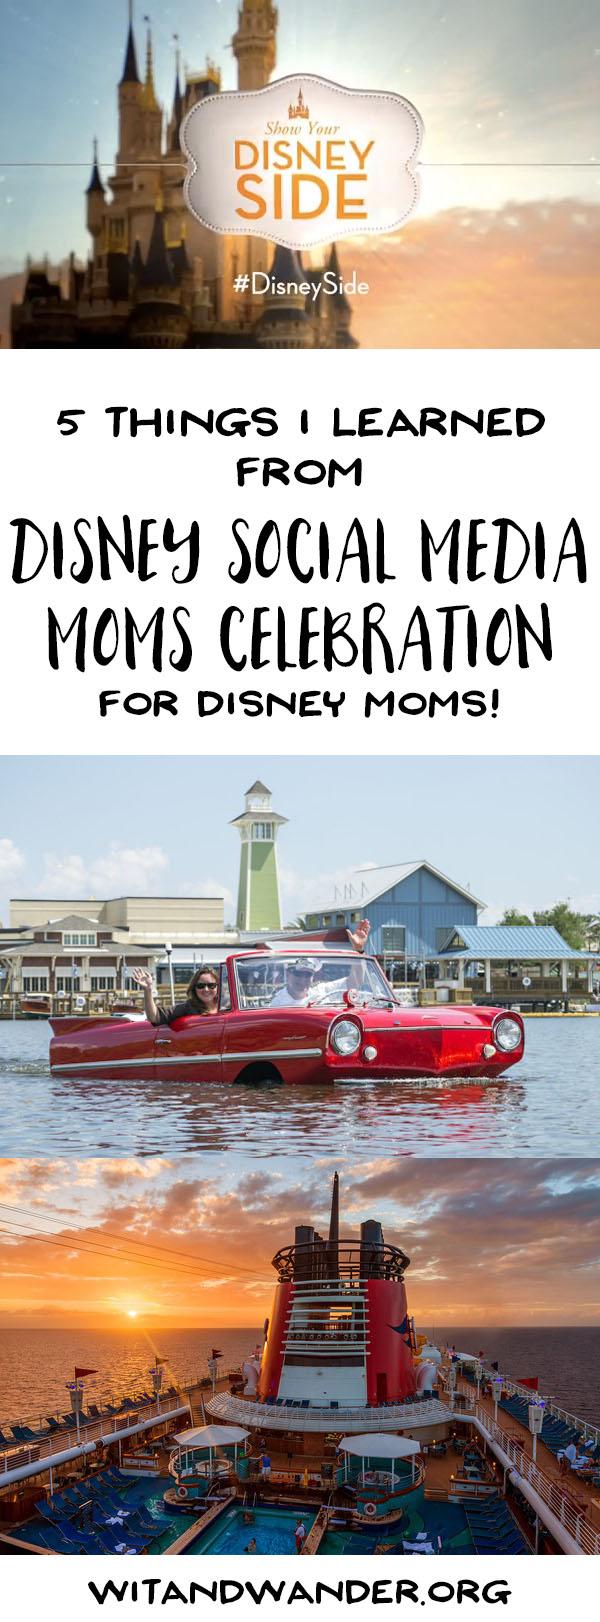 Disney Social Media Moms Celebration for Disney Moms - Pinterest